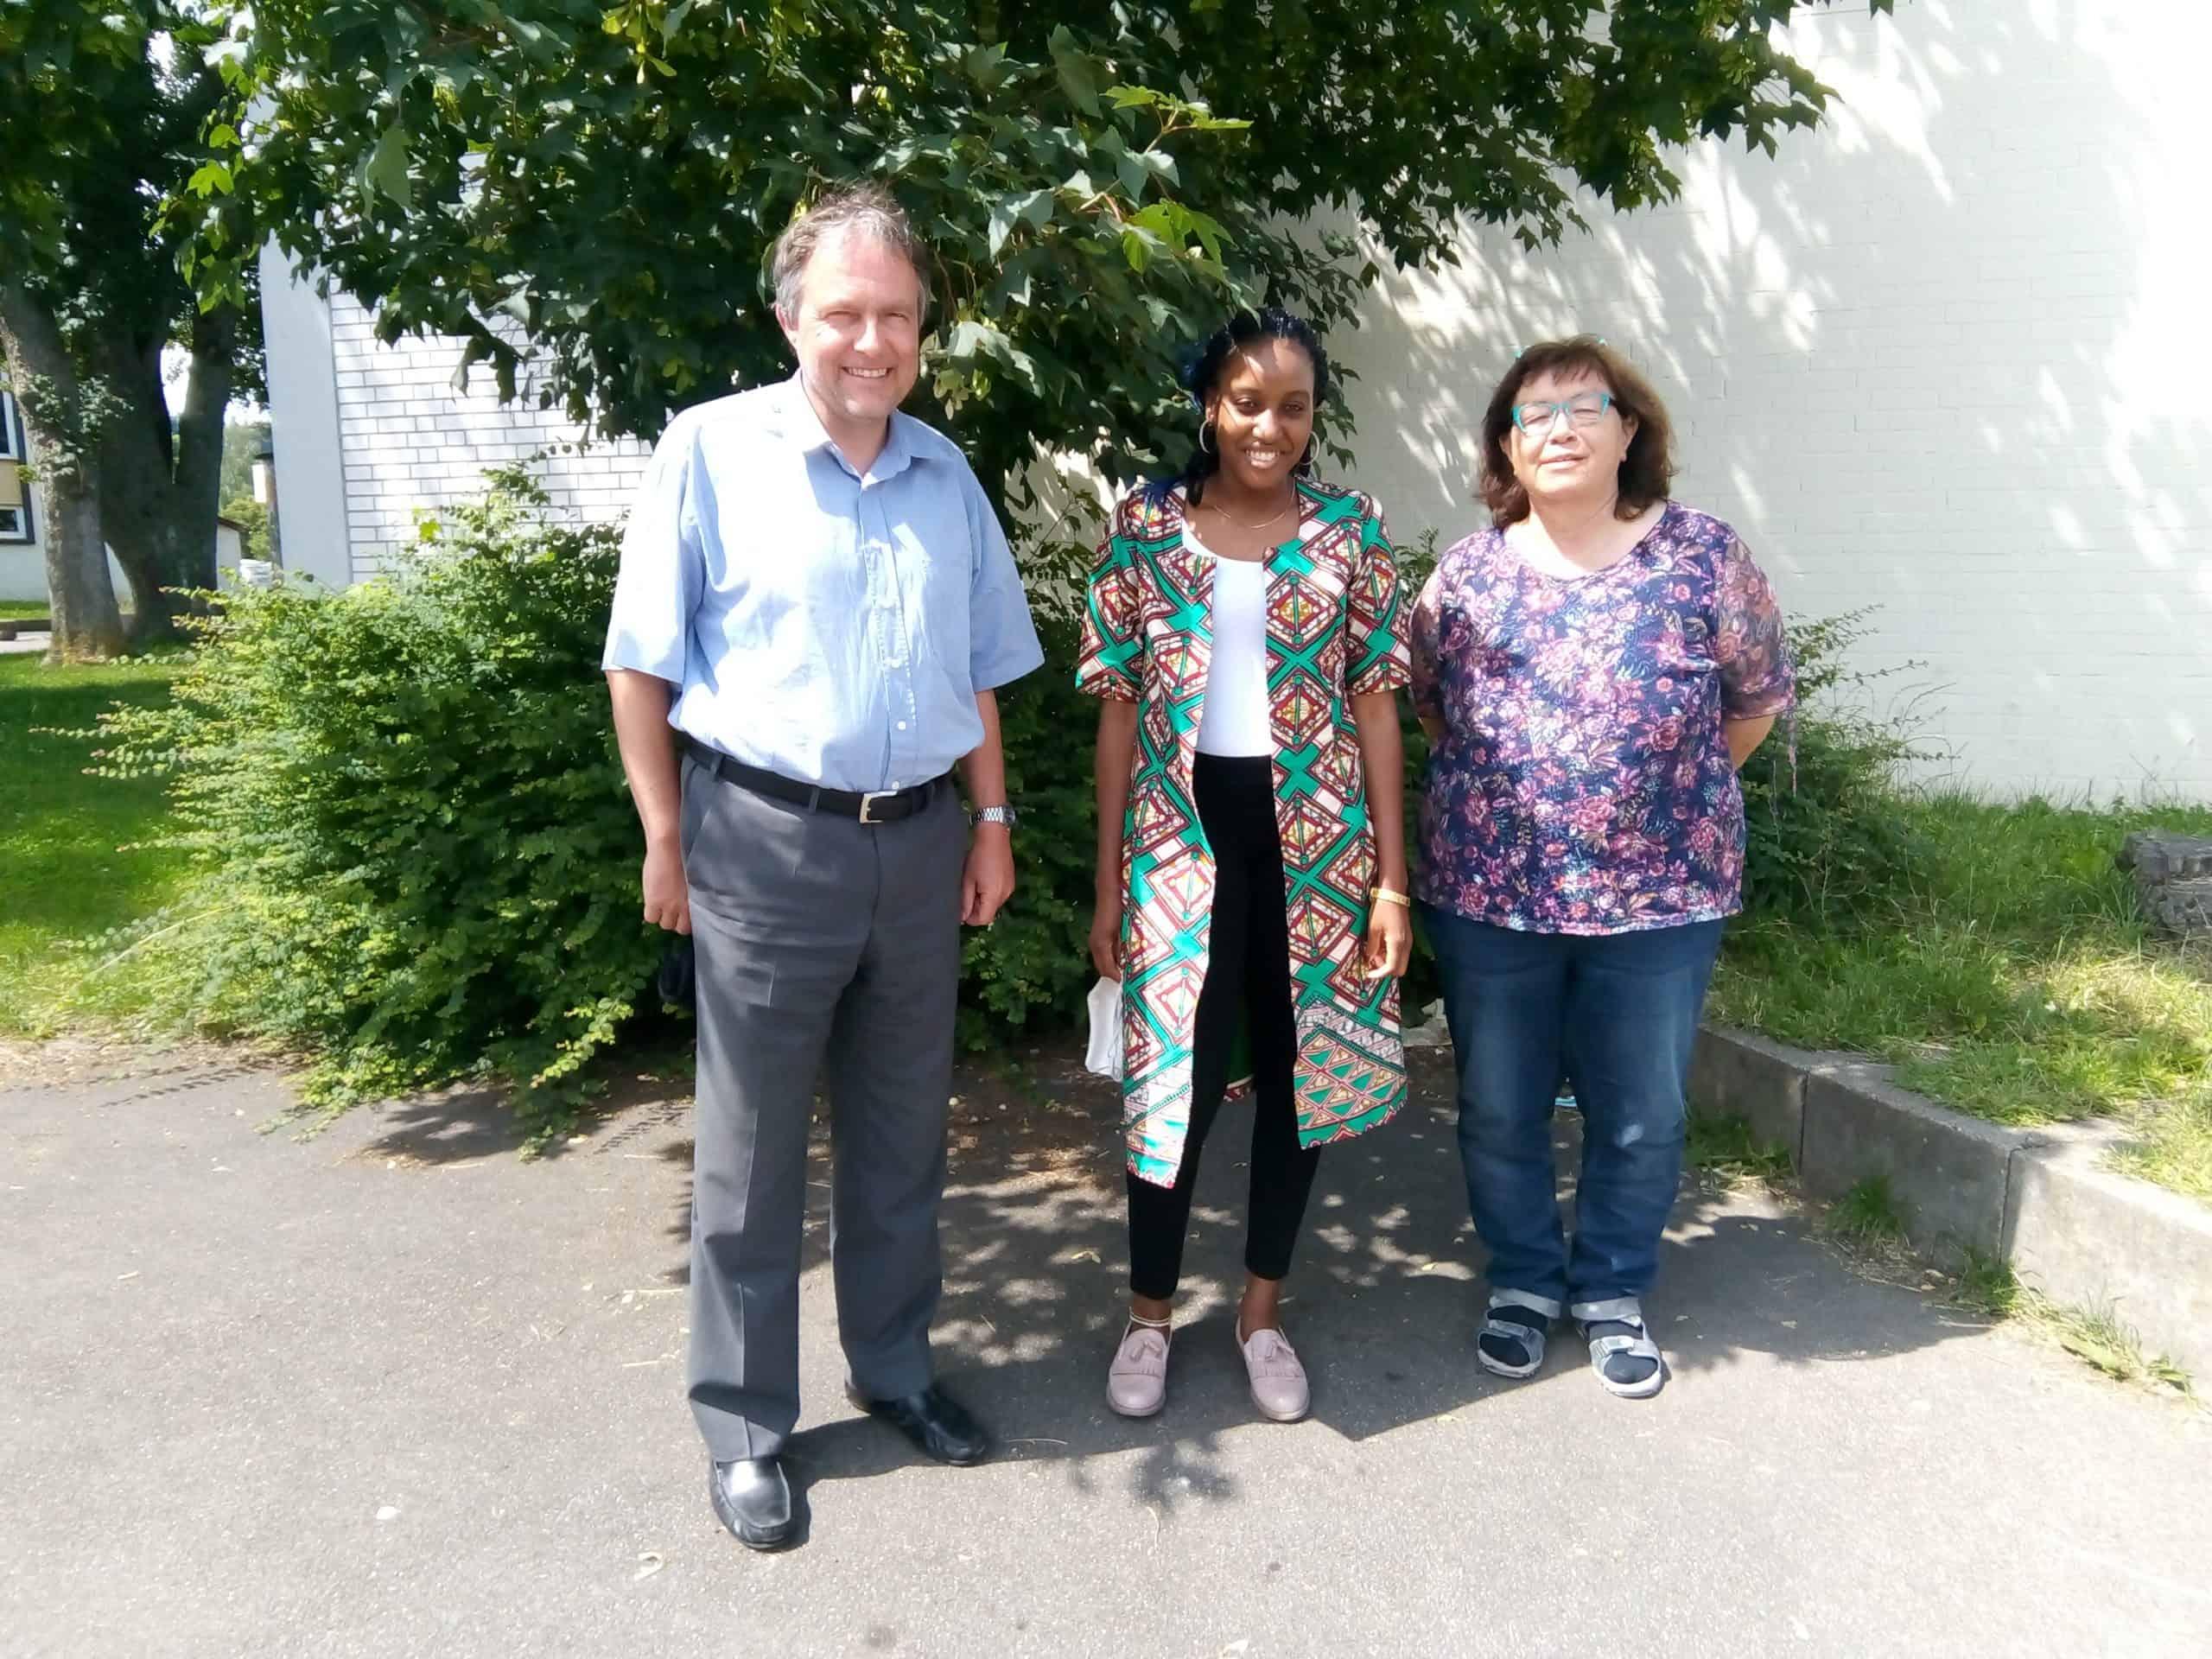 Besuch aus unserer Patenschule in Kamerun am 26.06.2020 (Mitarbeiterin der Kameruner Botschaft)